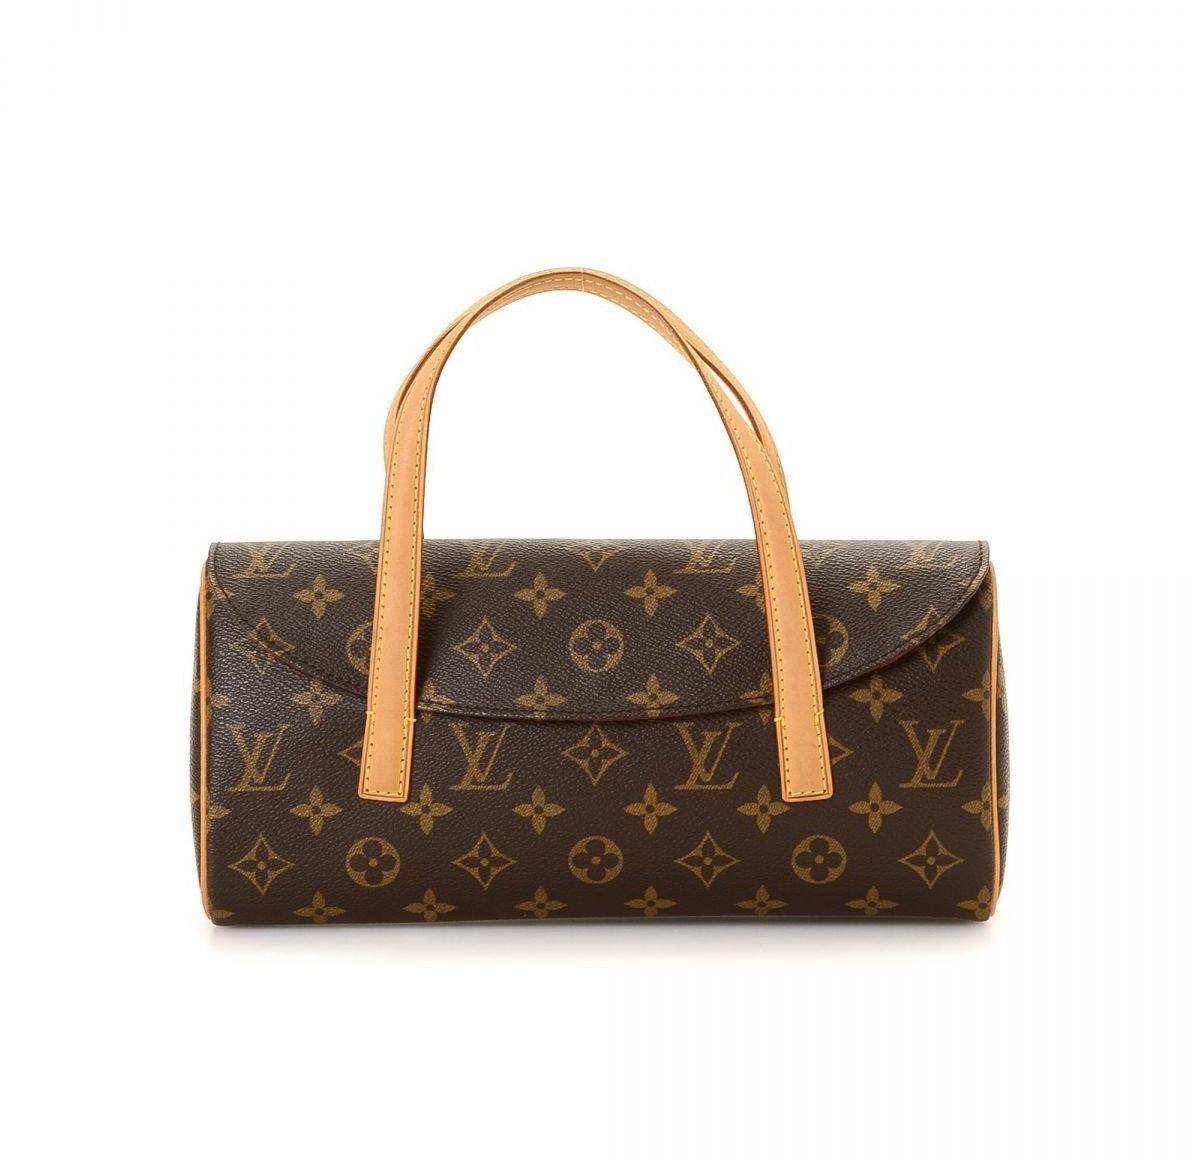 Louis Vuitton Sonatine Monogram Brown